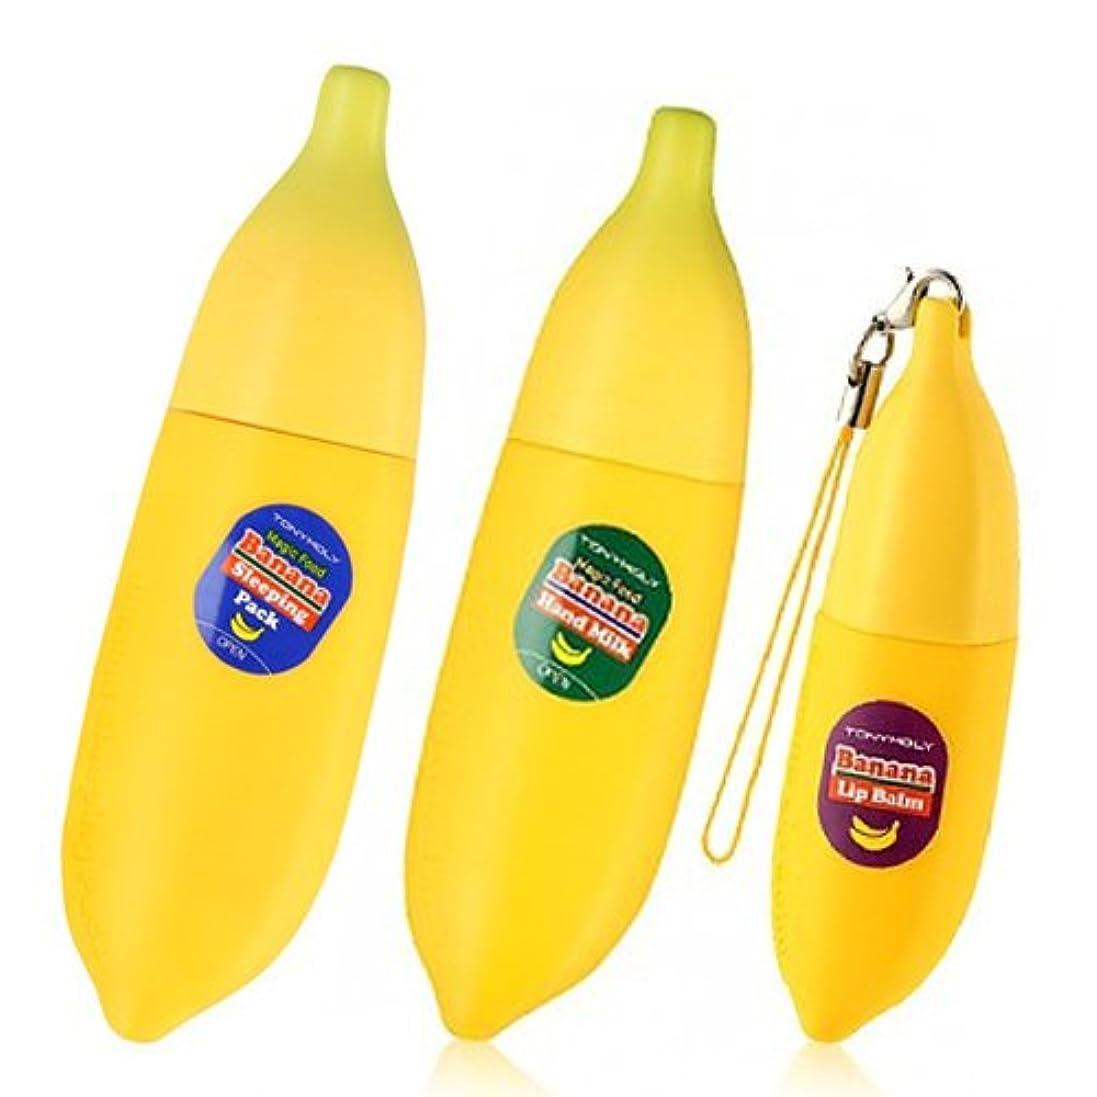 どこ夜明けに子豚TONYMOLY (トニーモリ―) マジックフードバナナ3種類1セット(スリーピングパック+ハンドクリーム+リップバーム) Magic Food Banana of 3 Types (Sleeping Pack+Hand Cream+Lim Balm) [並行輸入品]